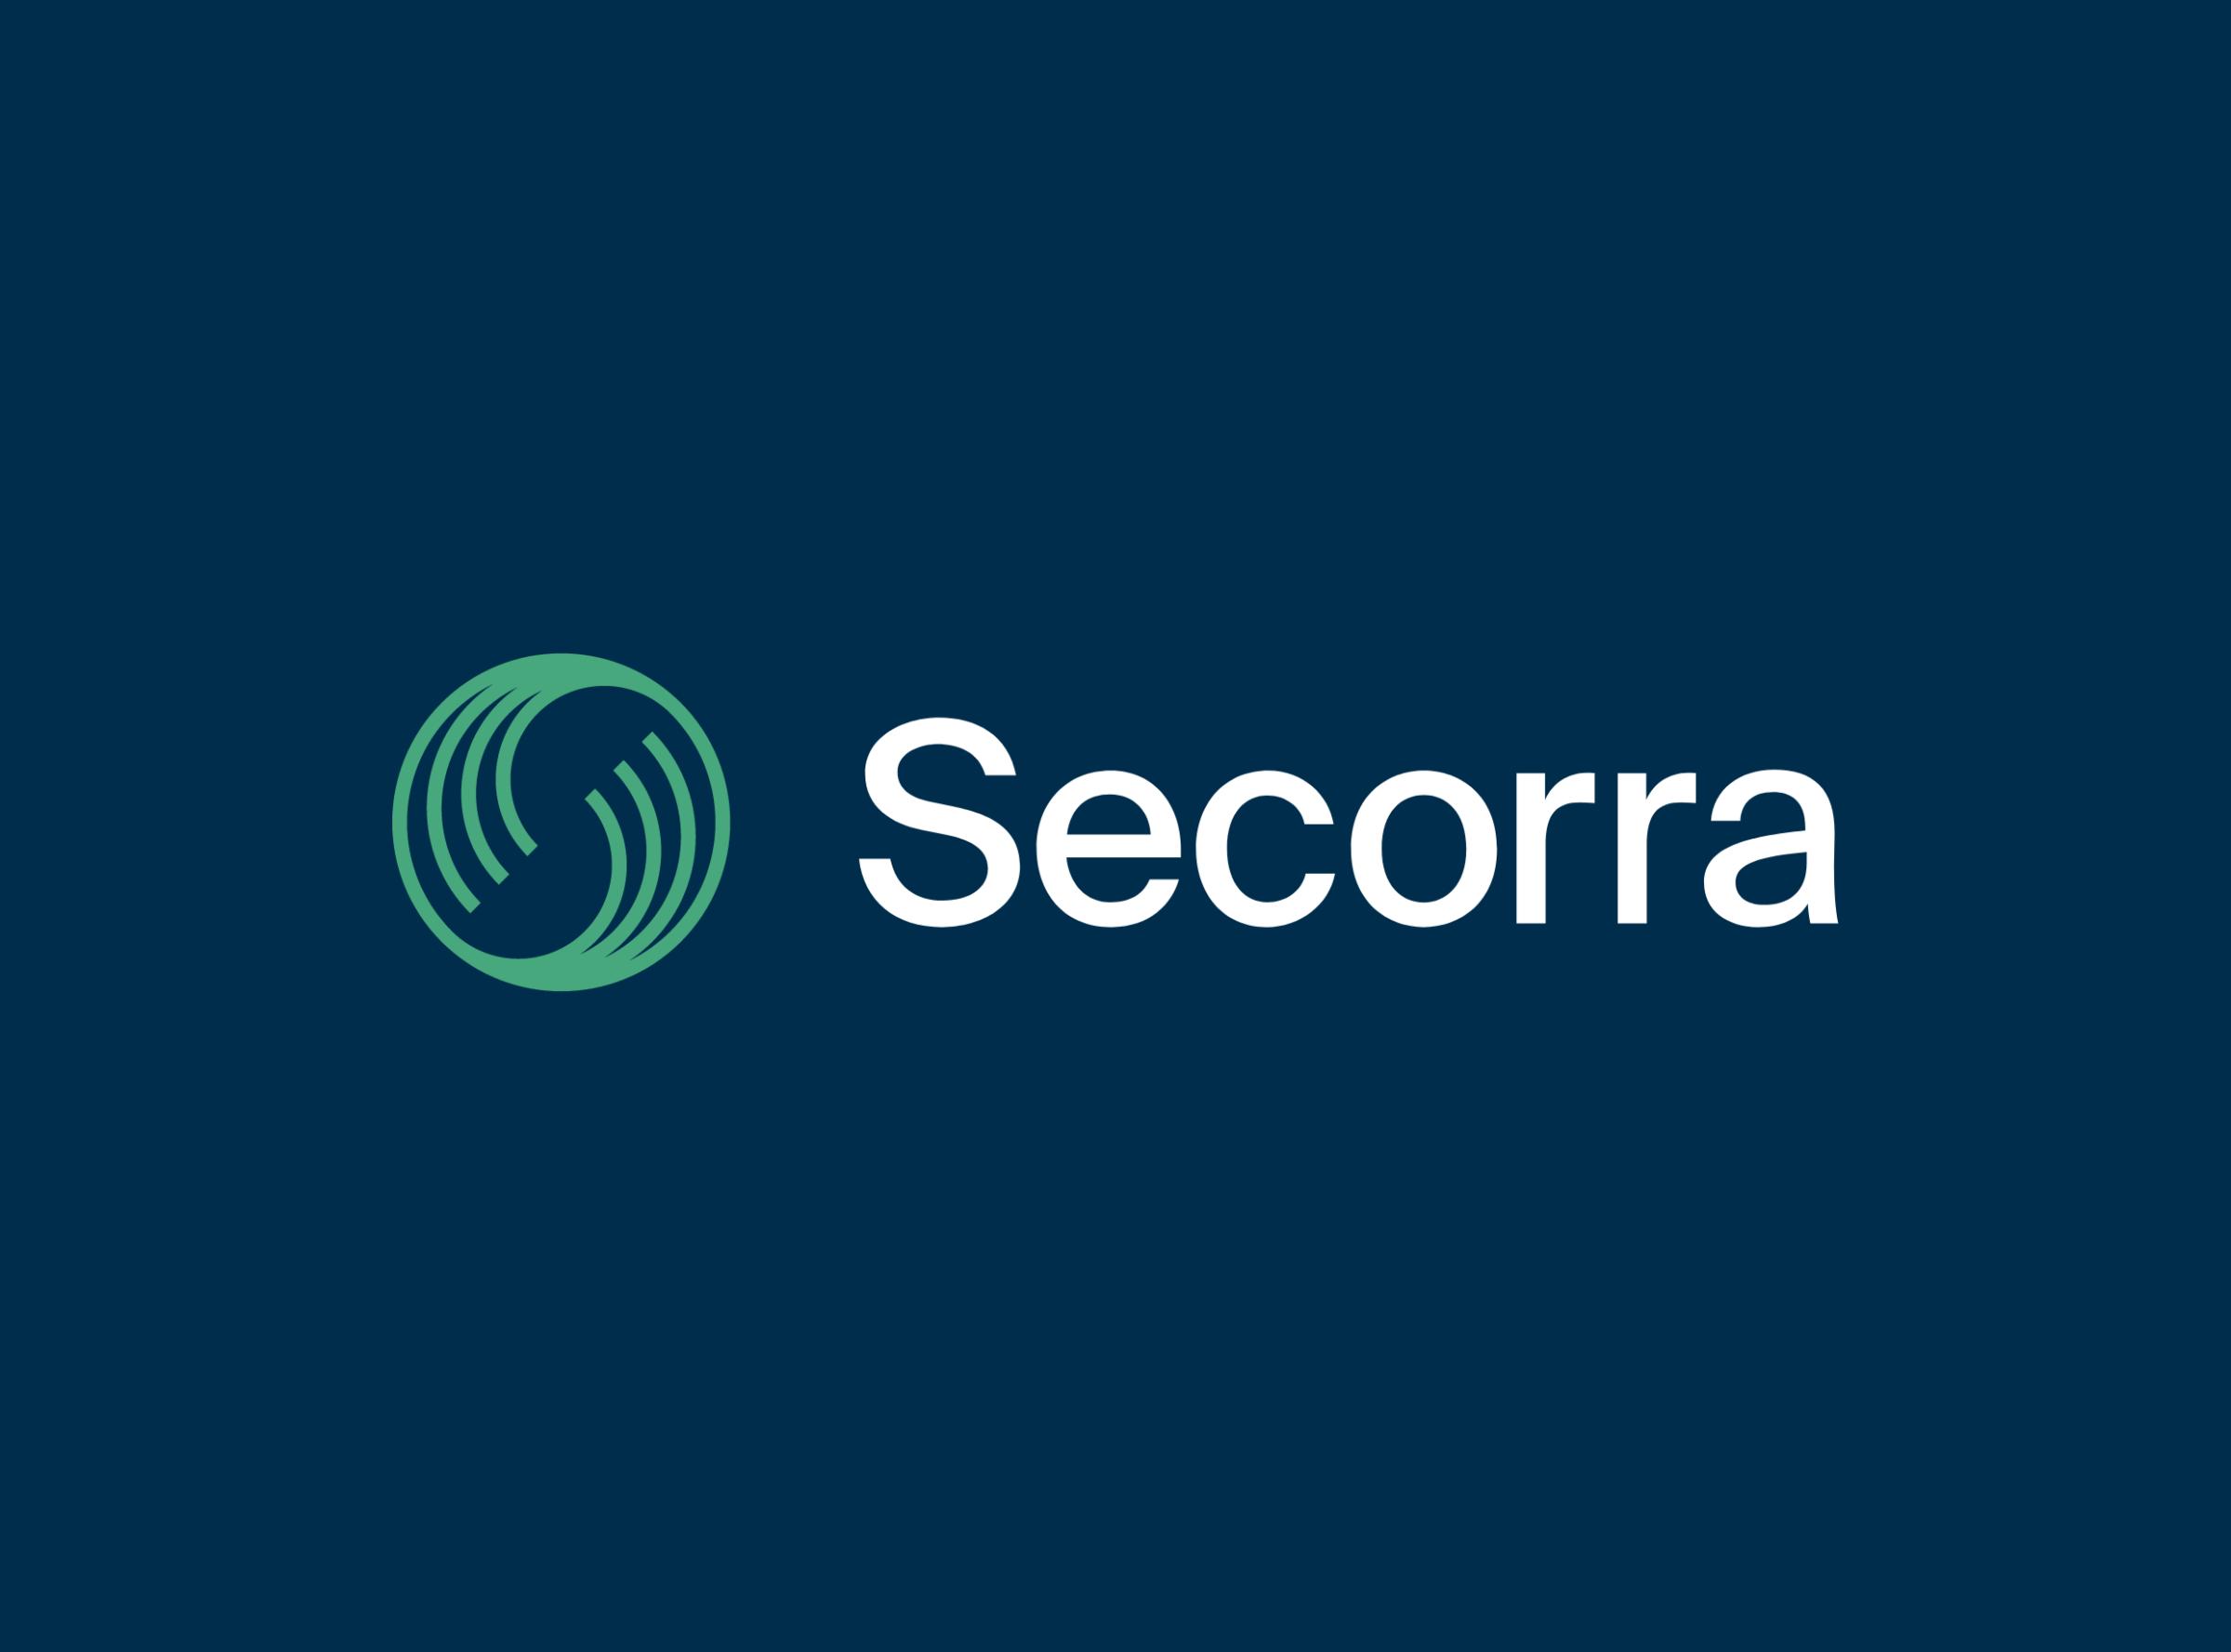 Brand design for Secorra